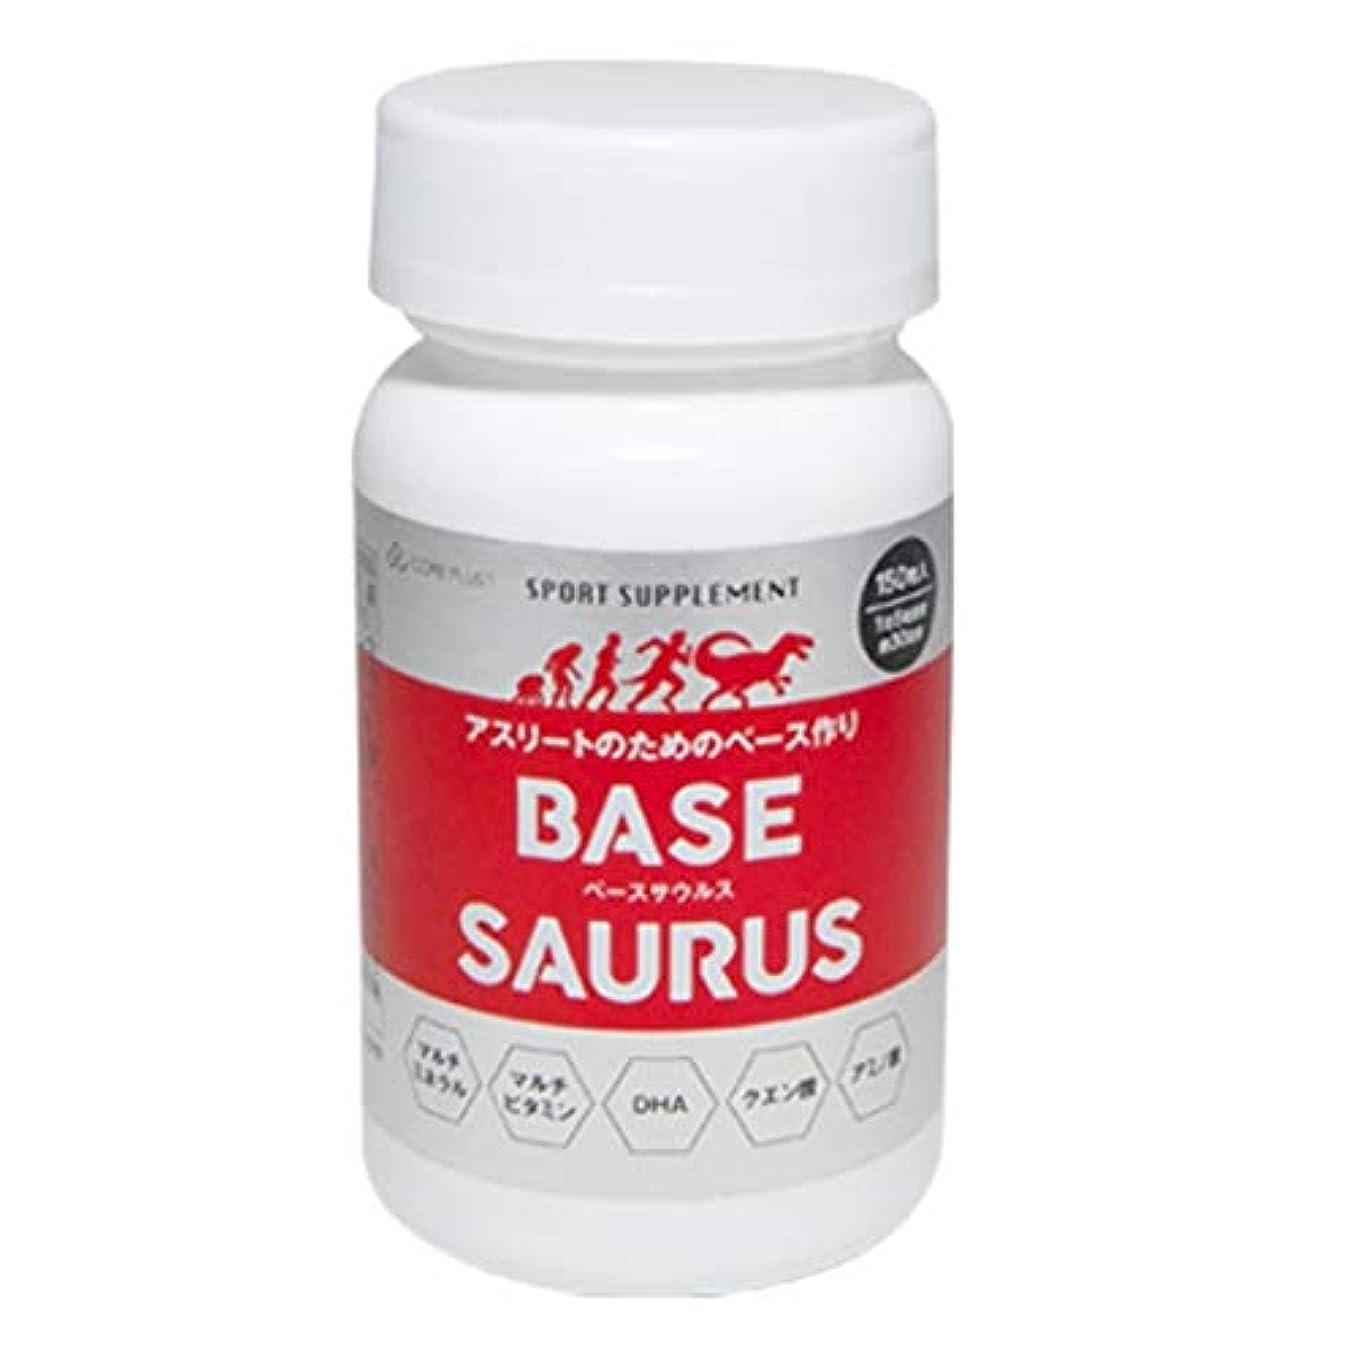 気楽な組み込む端末ベースサウルス マルチミネラル マルチビタミン DHA クエン酸 黒にんにく しょうが 新世代アミノ酸配合 ビタミン?ミネラル含有食品 150粒入り